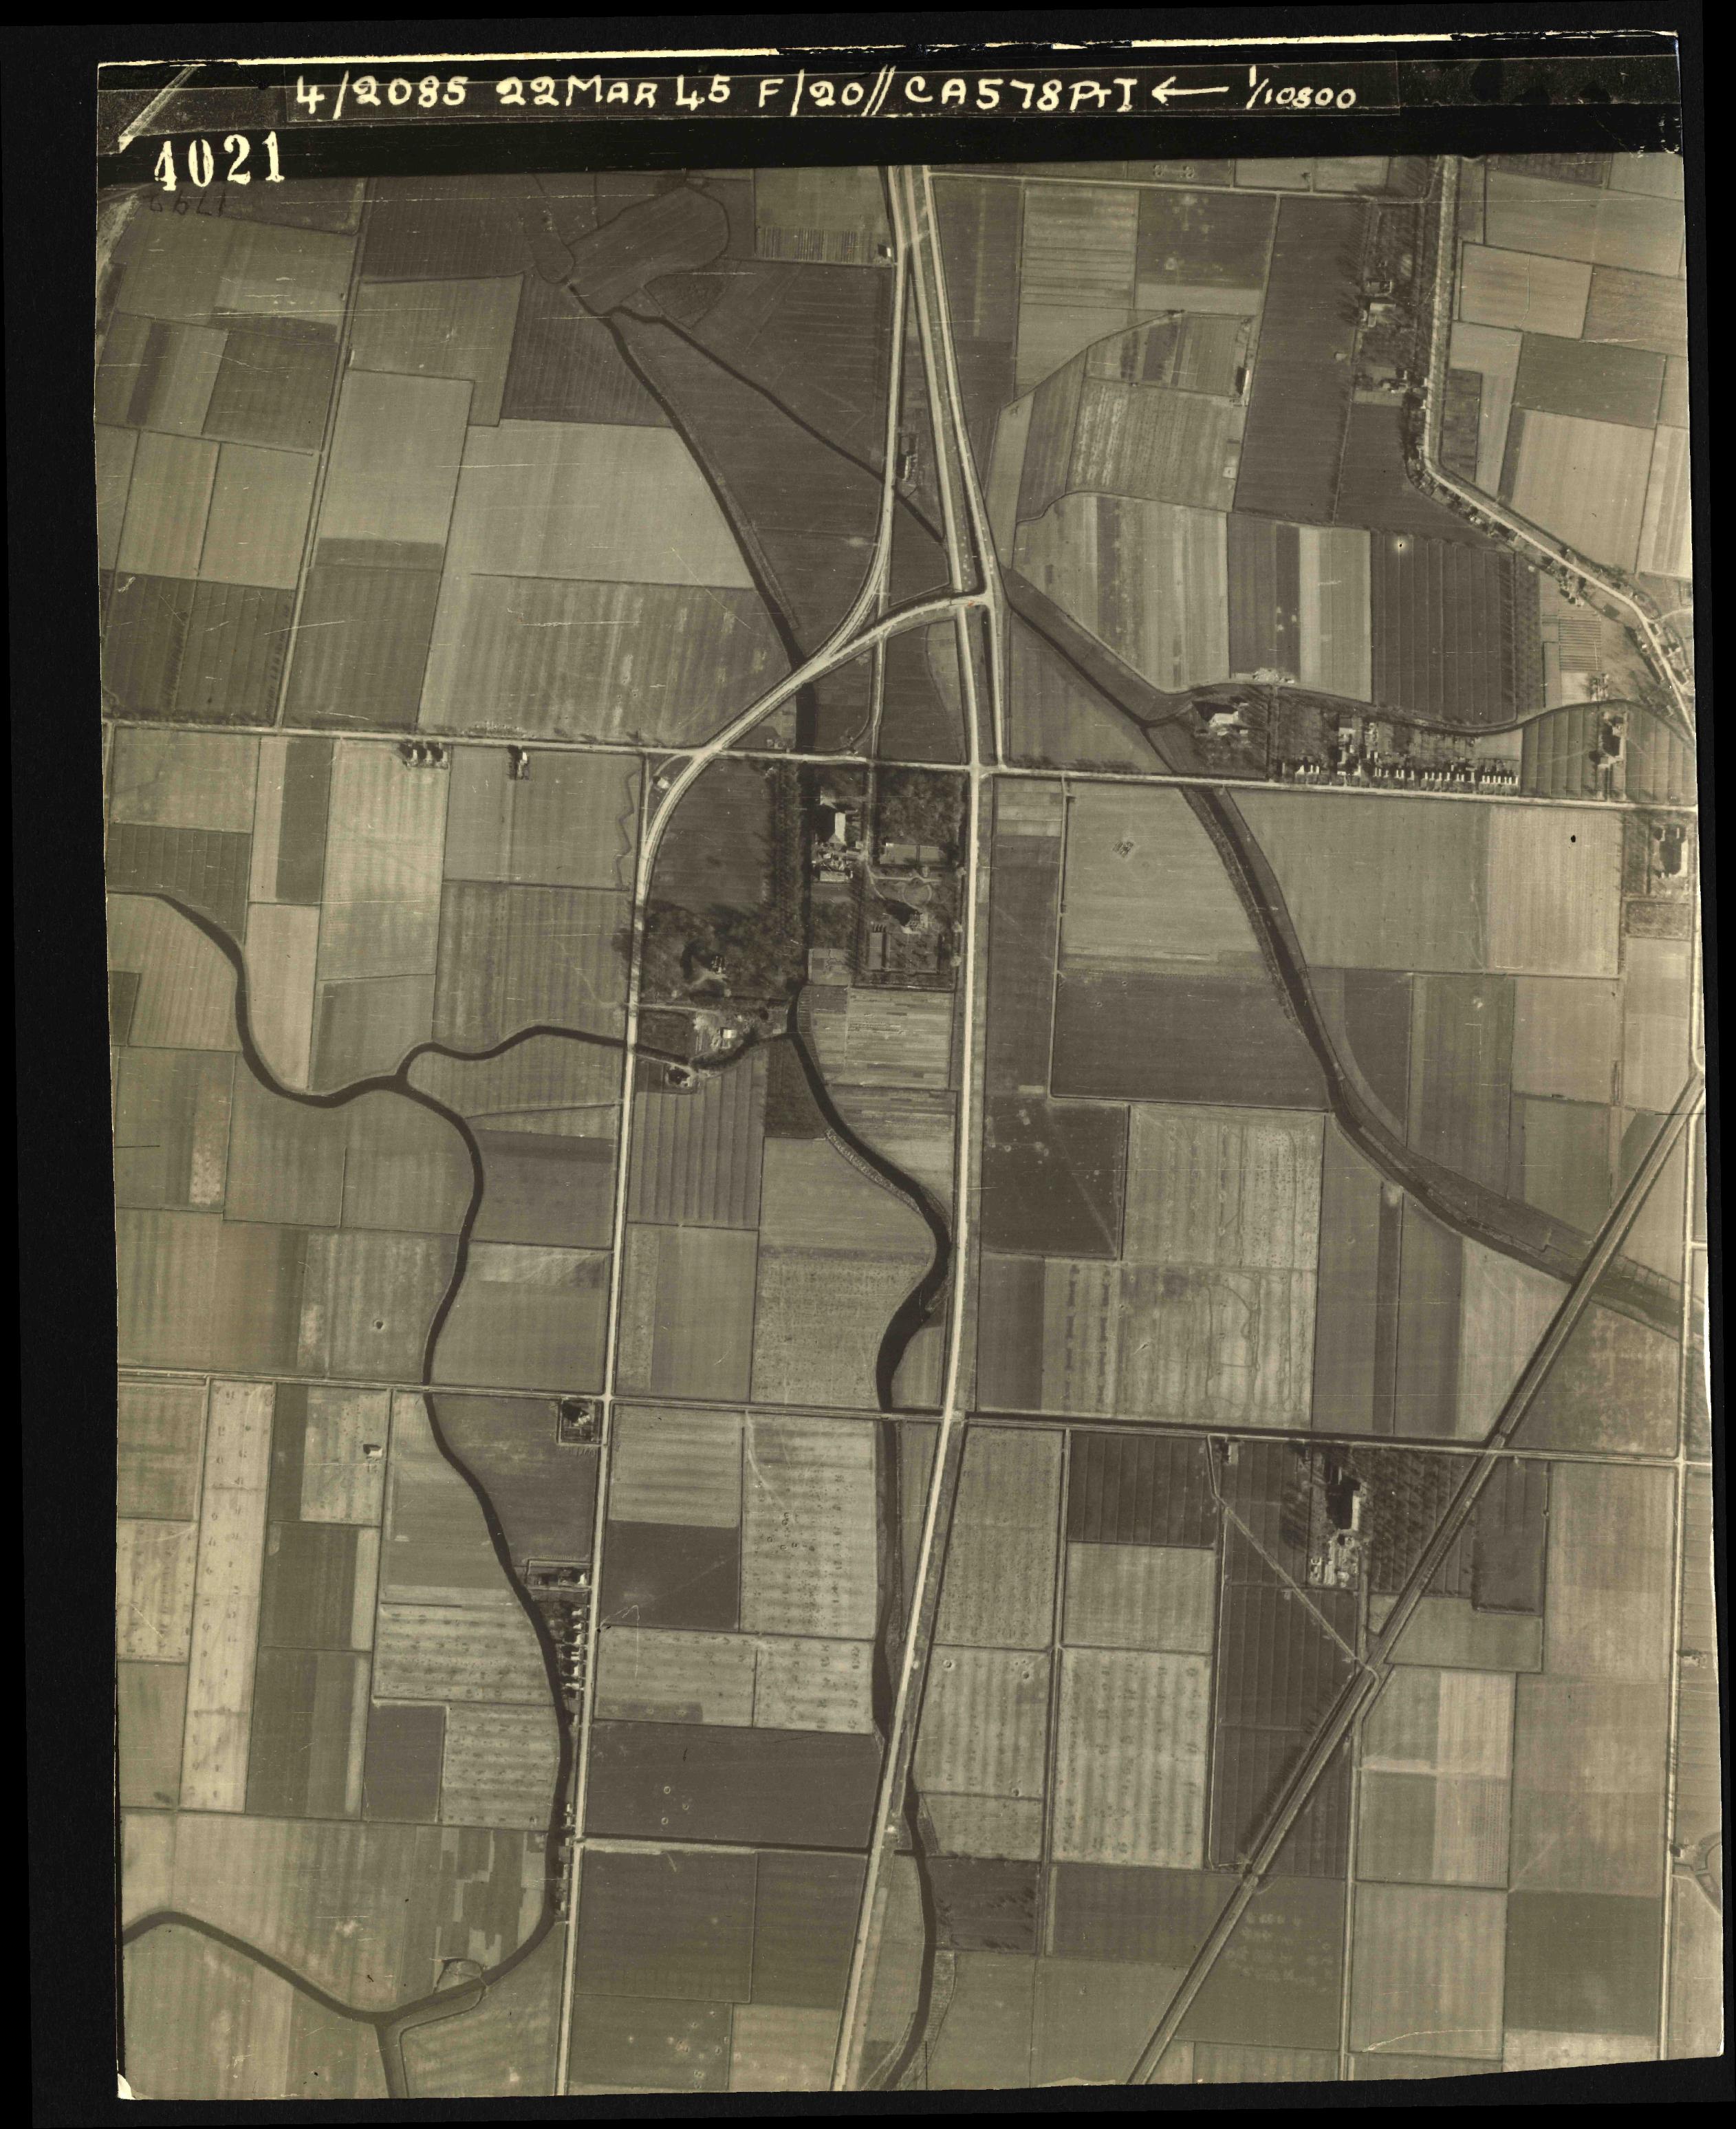 Collection RAF aerial photos 1940-1945 - flight 021, run 02, photo 4021